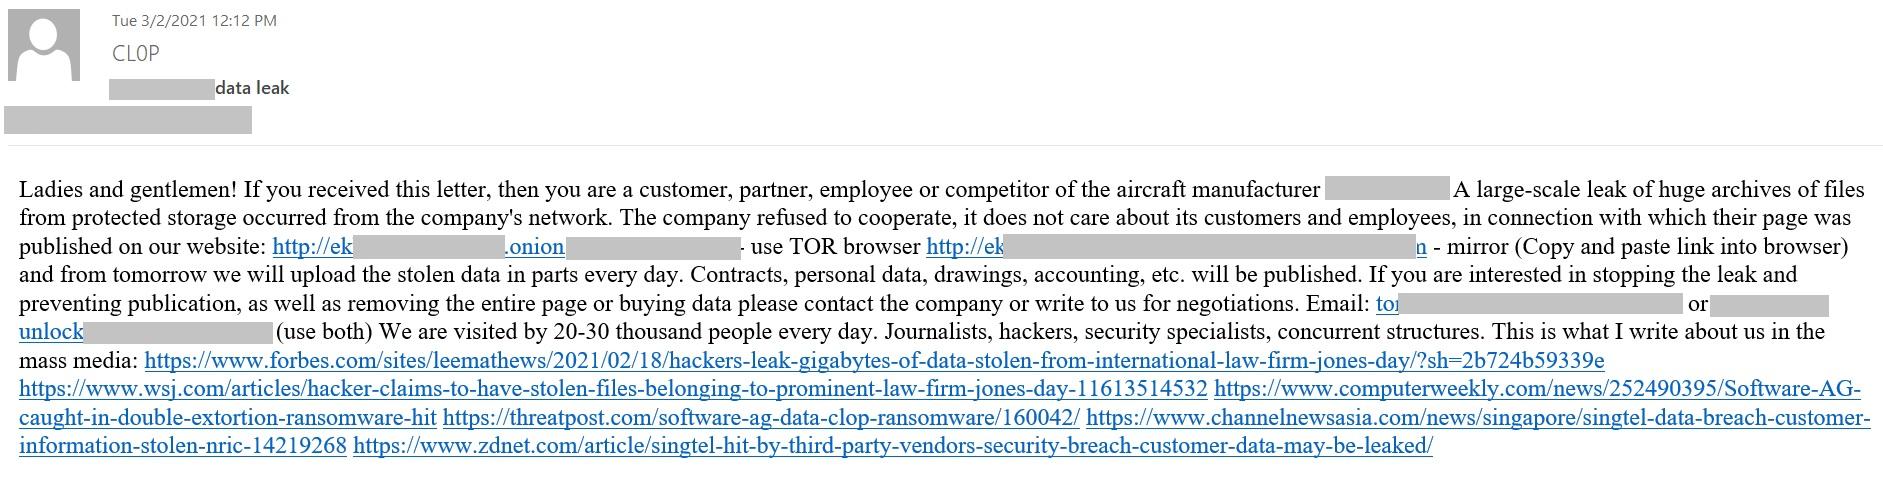 Письмо злоумышленников к сотрудникам, клиентам, партнерам и конкурентам